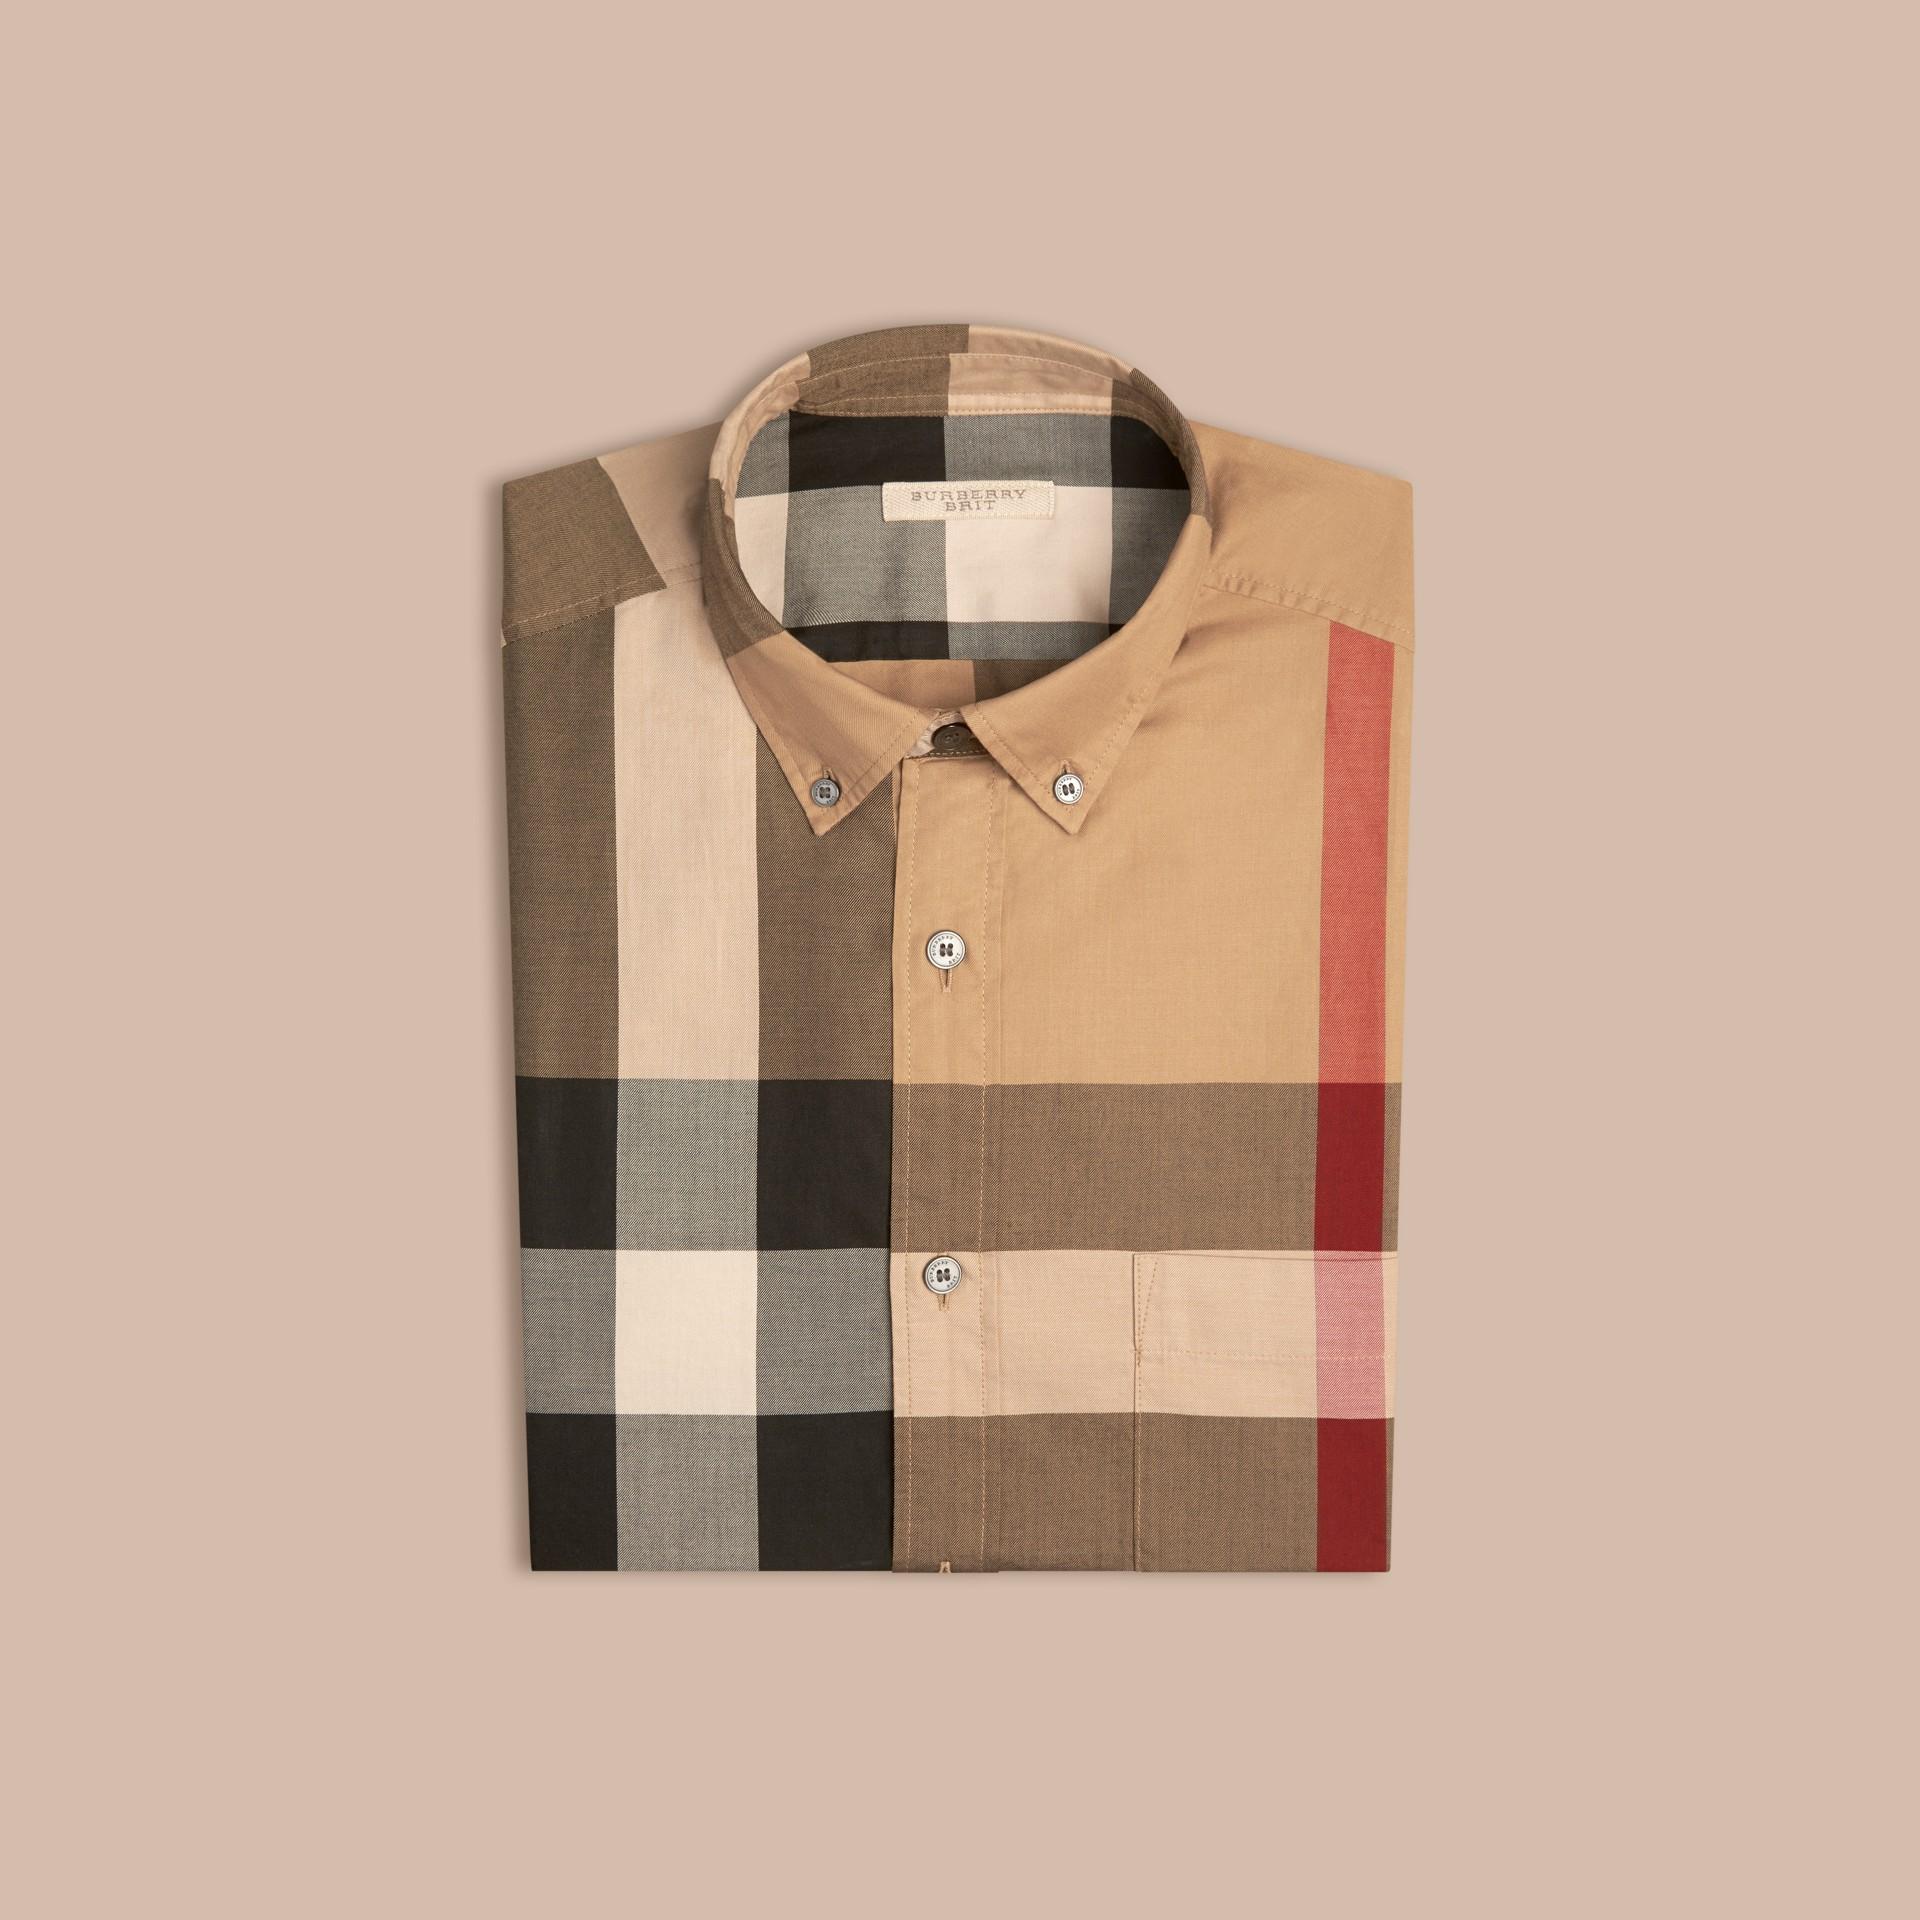 Cammello Camicia in cotone con motivo check Cammello - immagine della galleria 4